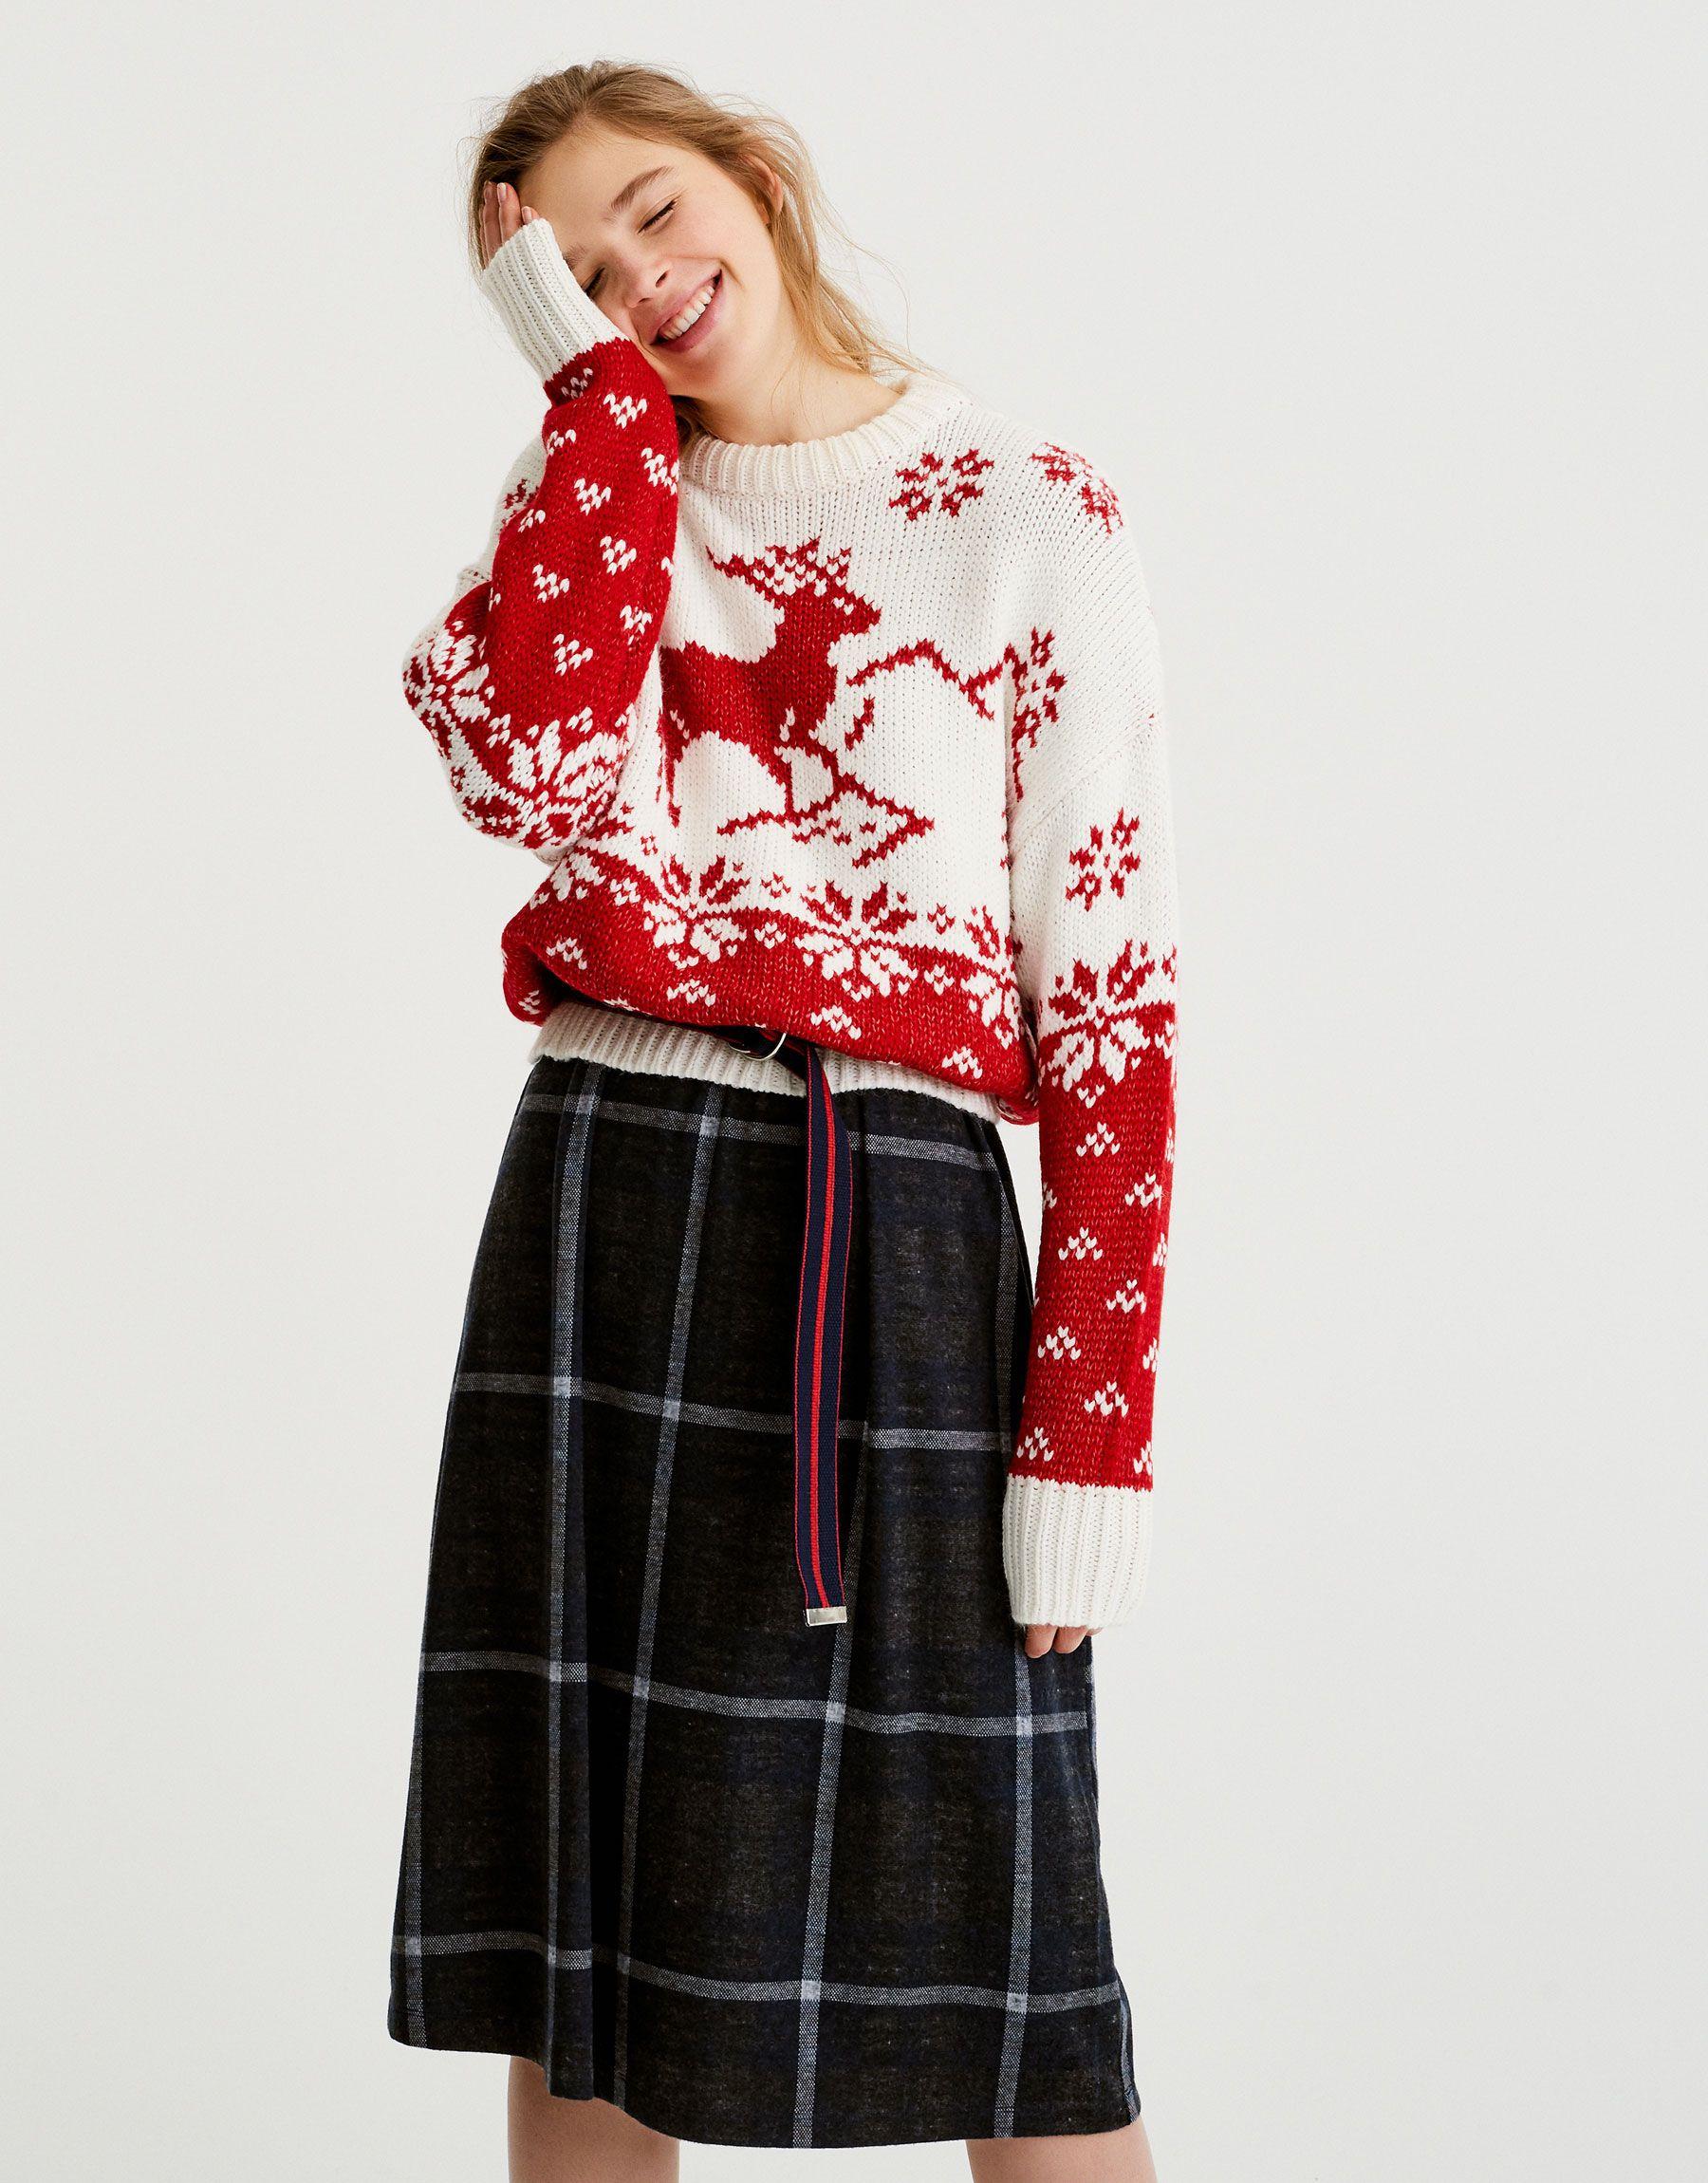 Pulover Cu Motive De Crăciun și Ren Tricot îmbrăcăminte Femei Pull Bear România Clothes Women Christmas Fashion